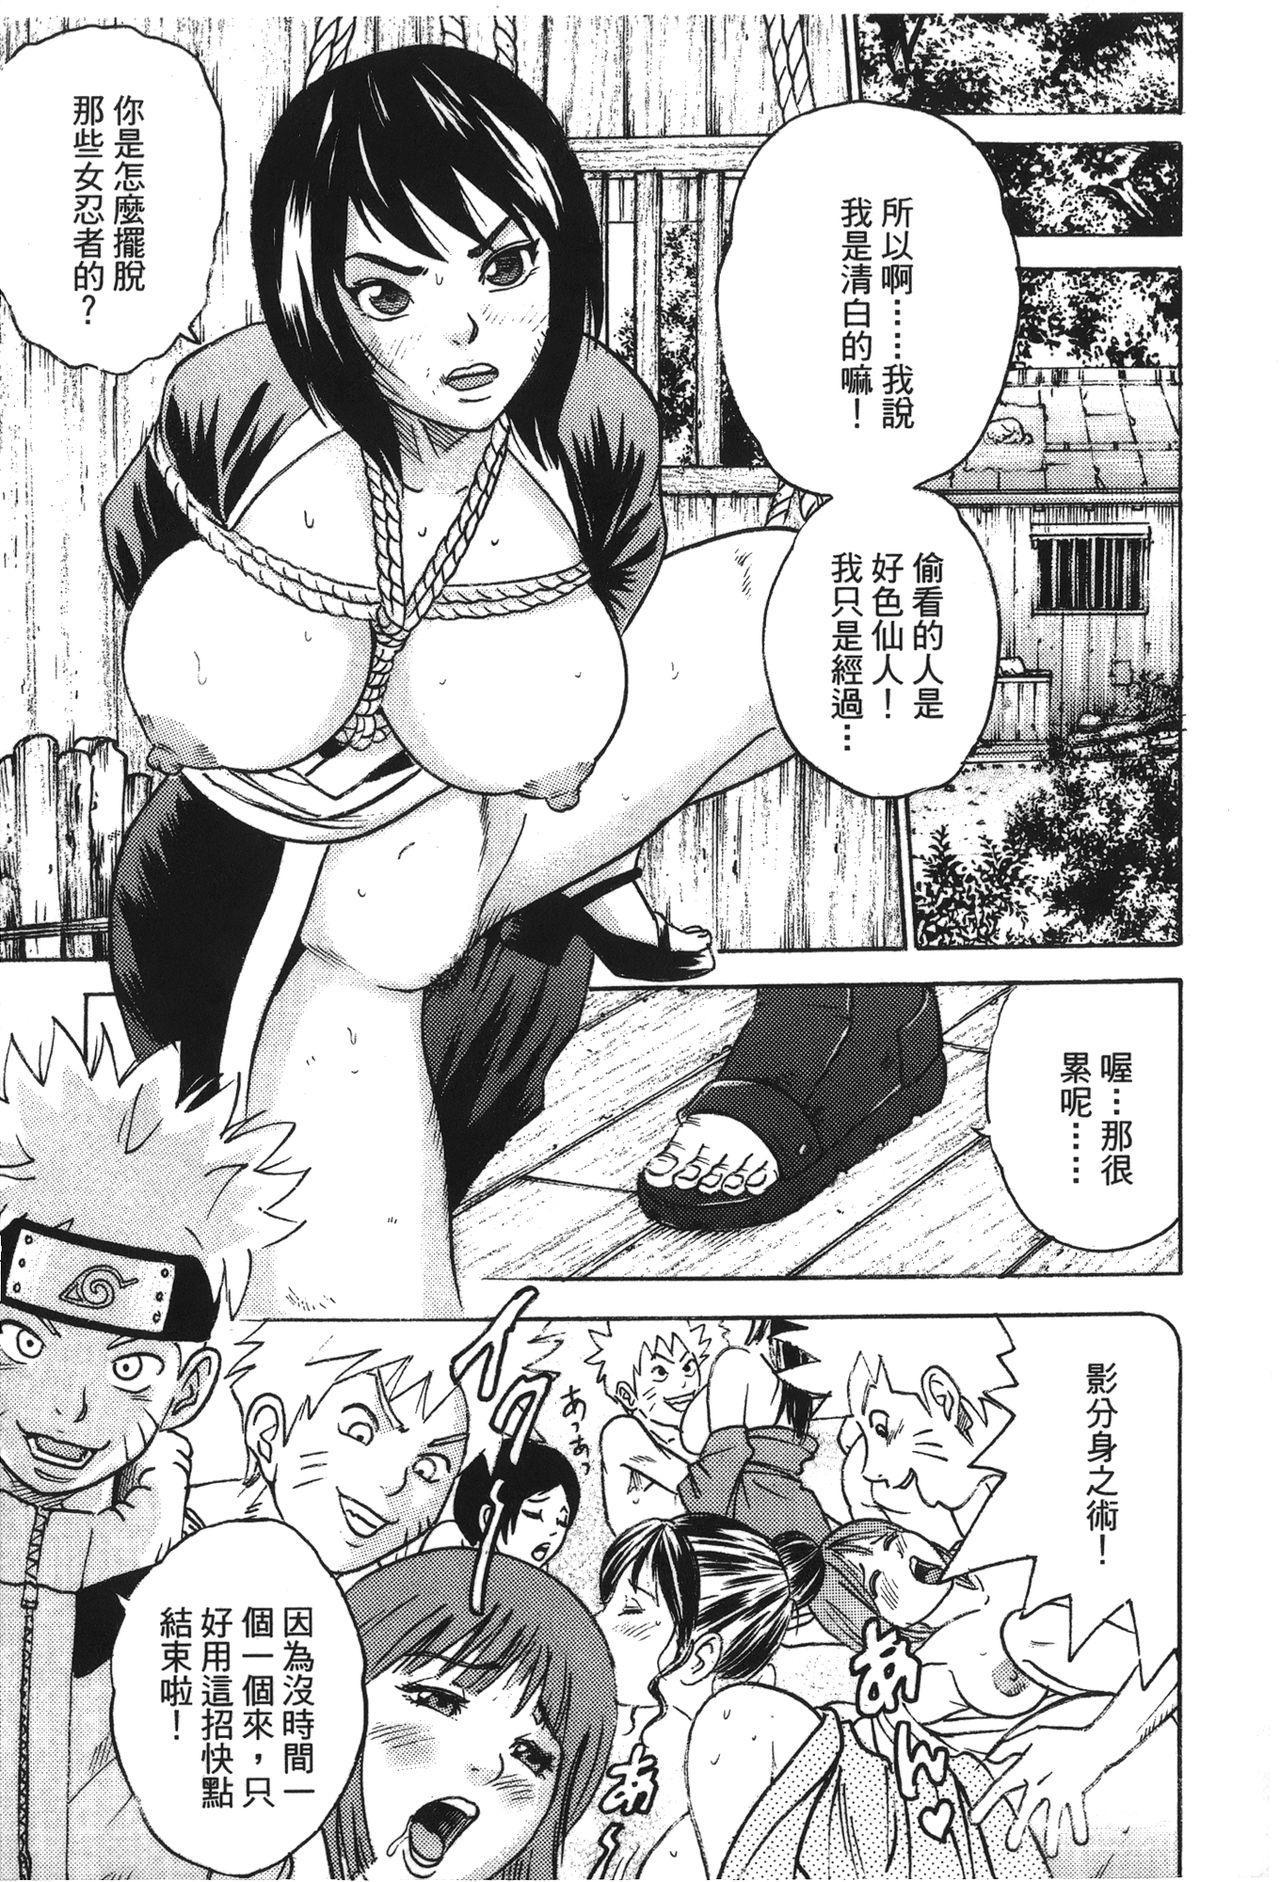 naruto ninja biography vol.02 108